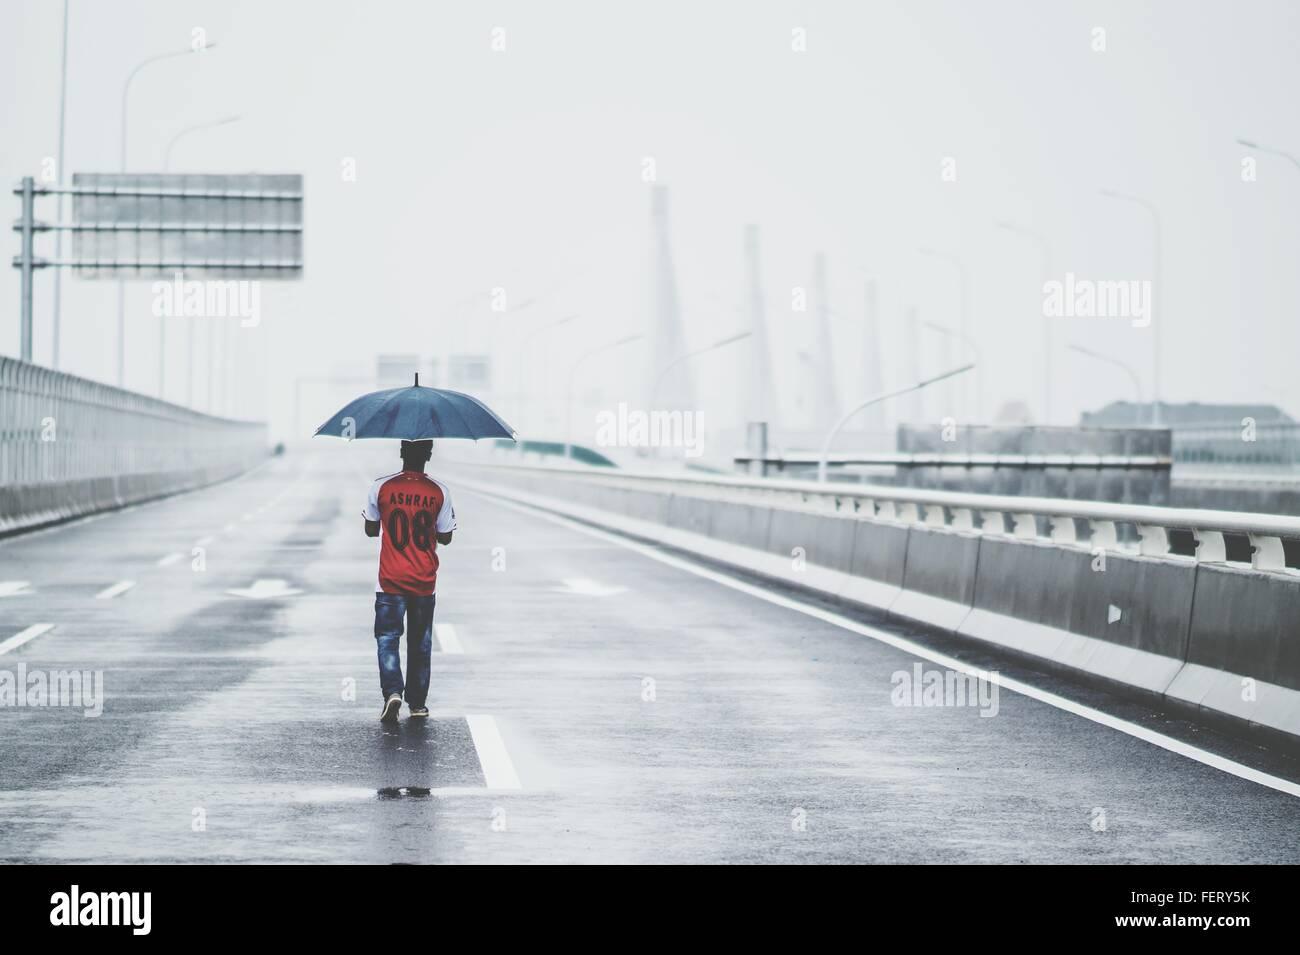 Vista posteriore dell'uomo portando un ombrello mentre camminando sulla strada durante la stagione delle piogge Immagini Stock